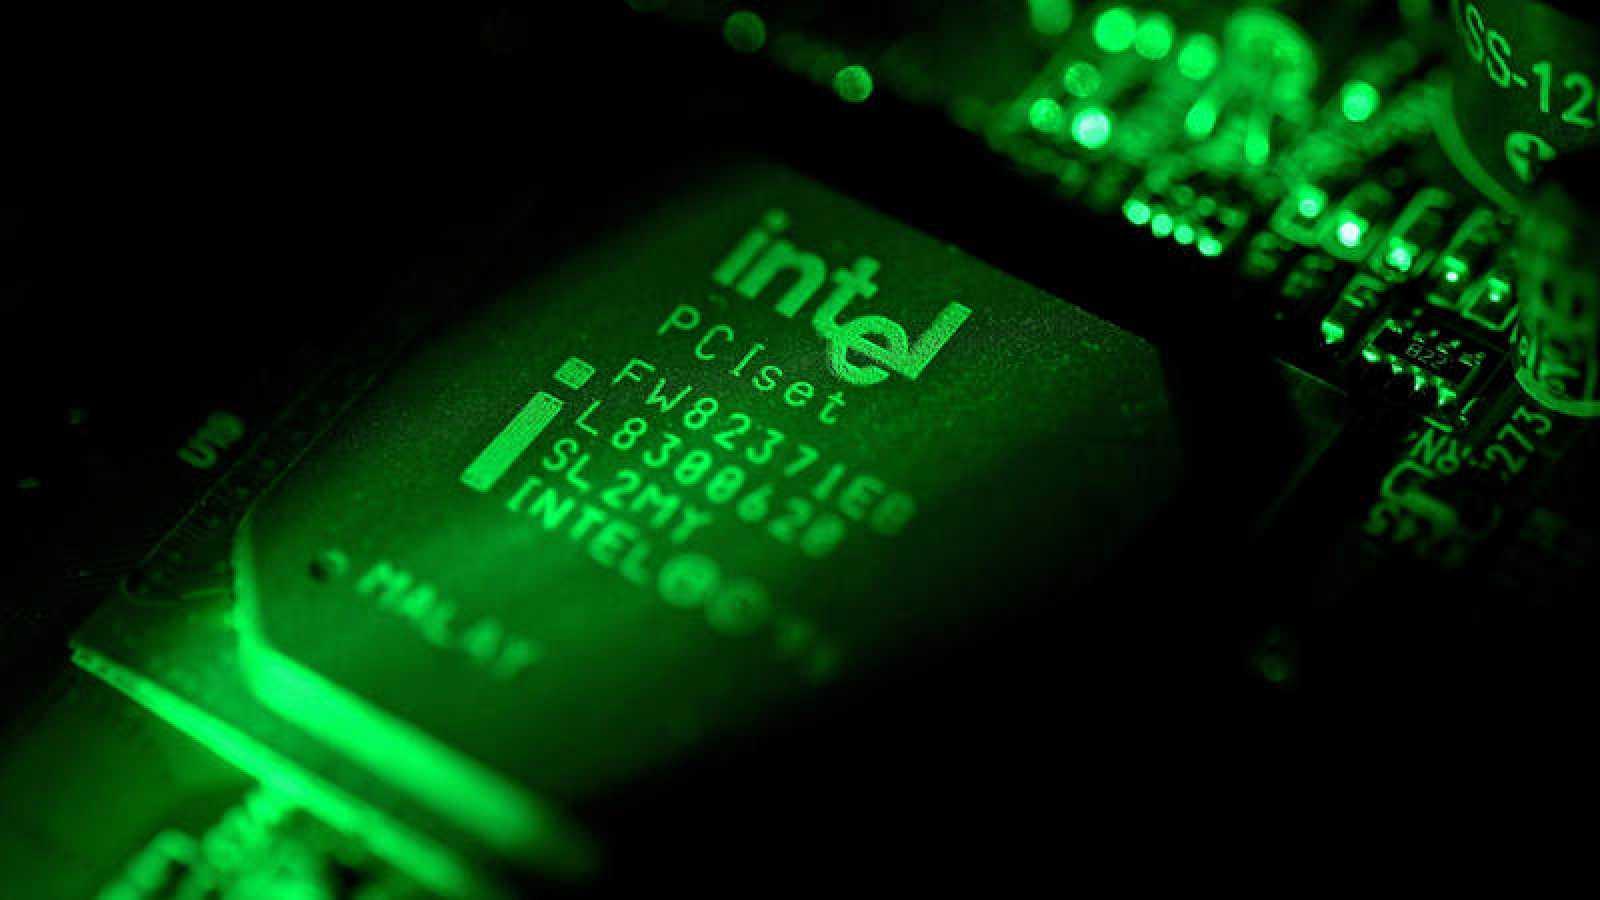 Recientemente se ha desvelado un defecto de seguridad en millones de chips fabricados por Intel.